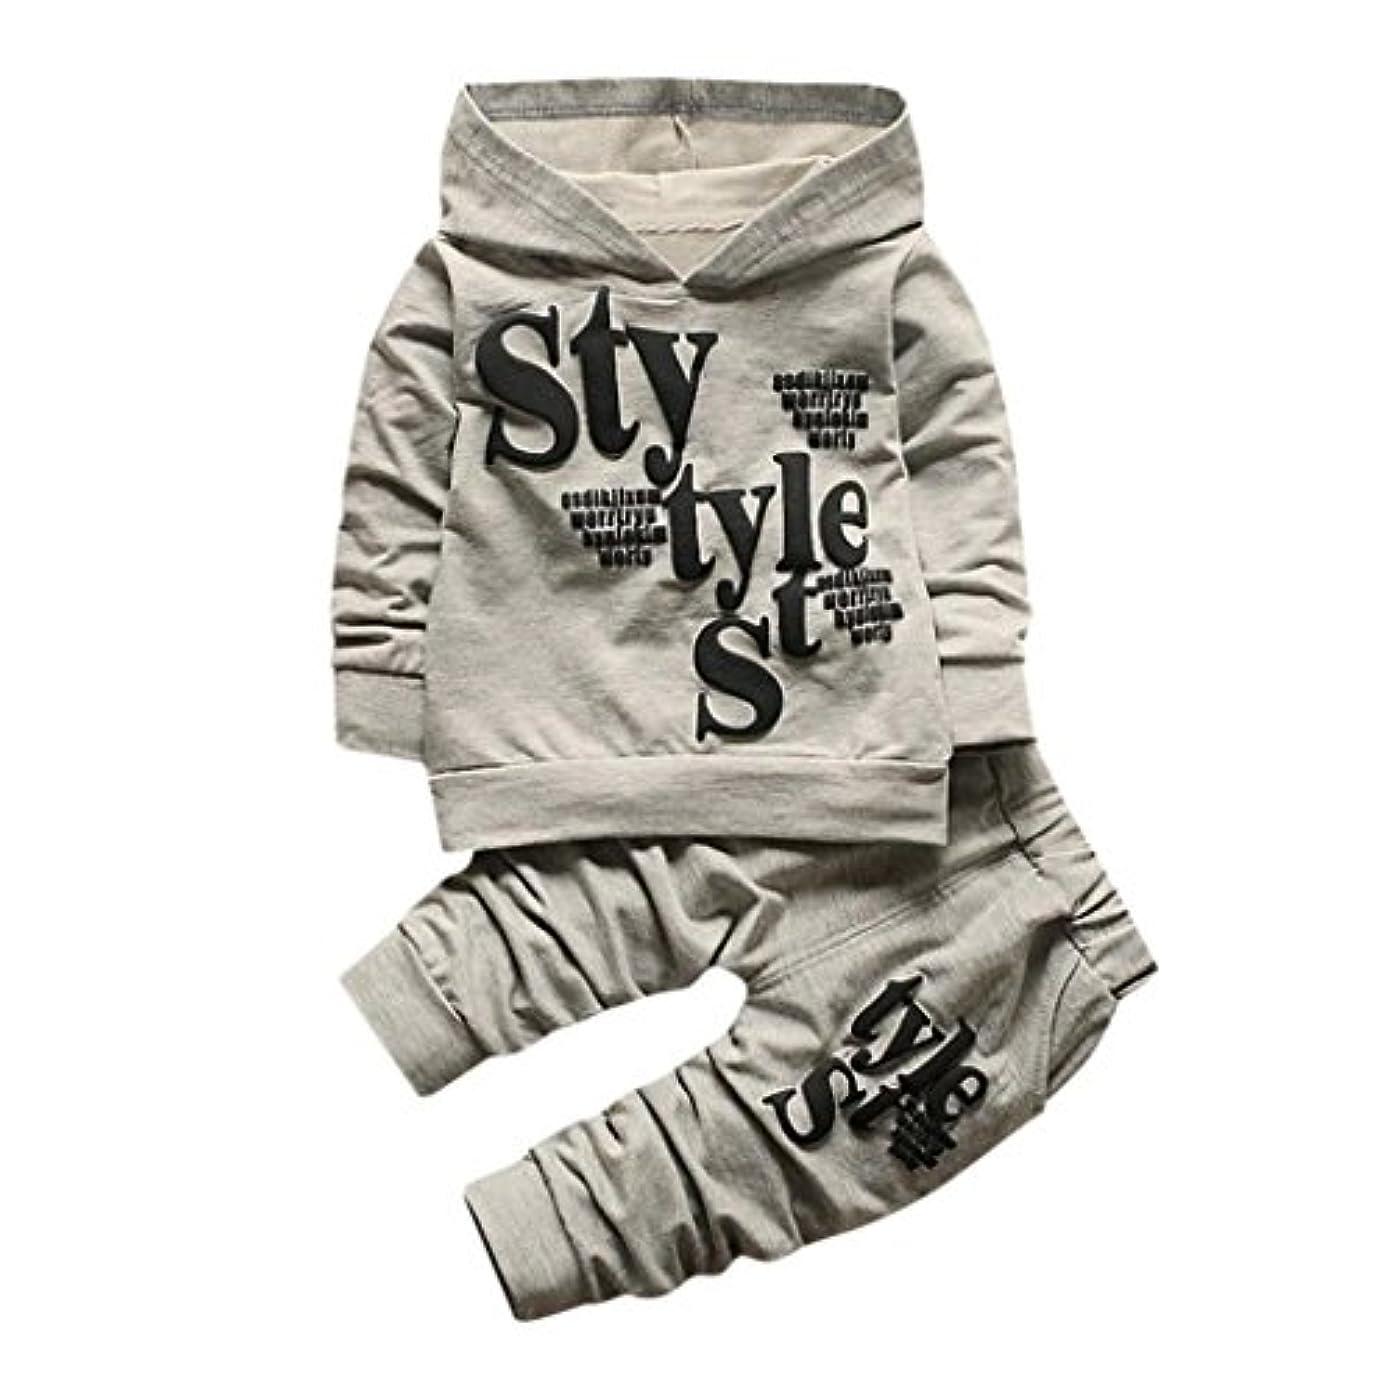 貫通するオープニング敬パーカー+ズボン Tシャツ スウェット 子供服 赤ちゃん服 上着+パンツ2点セット かっこいい ベビー服 ロンパース カバーオール 男の子 女の子 ファッション